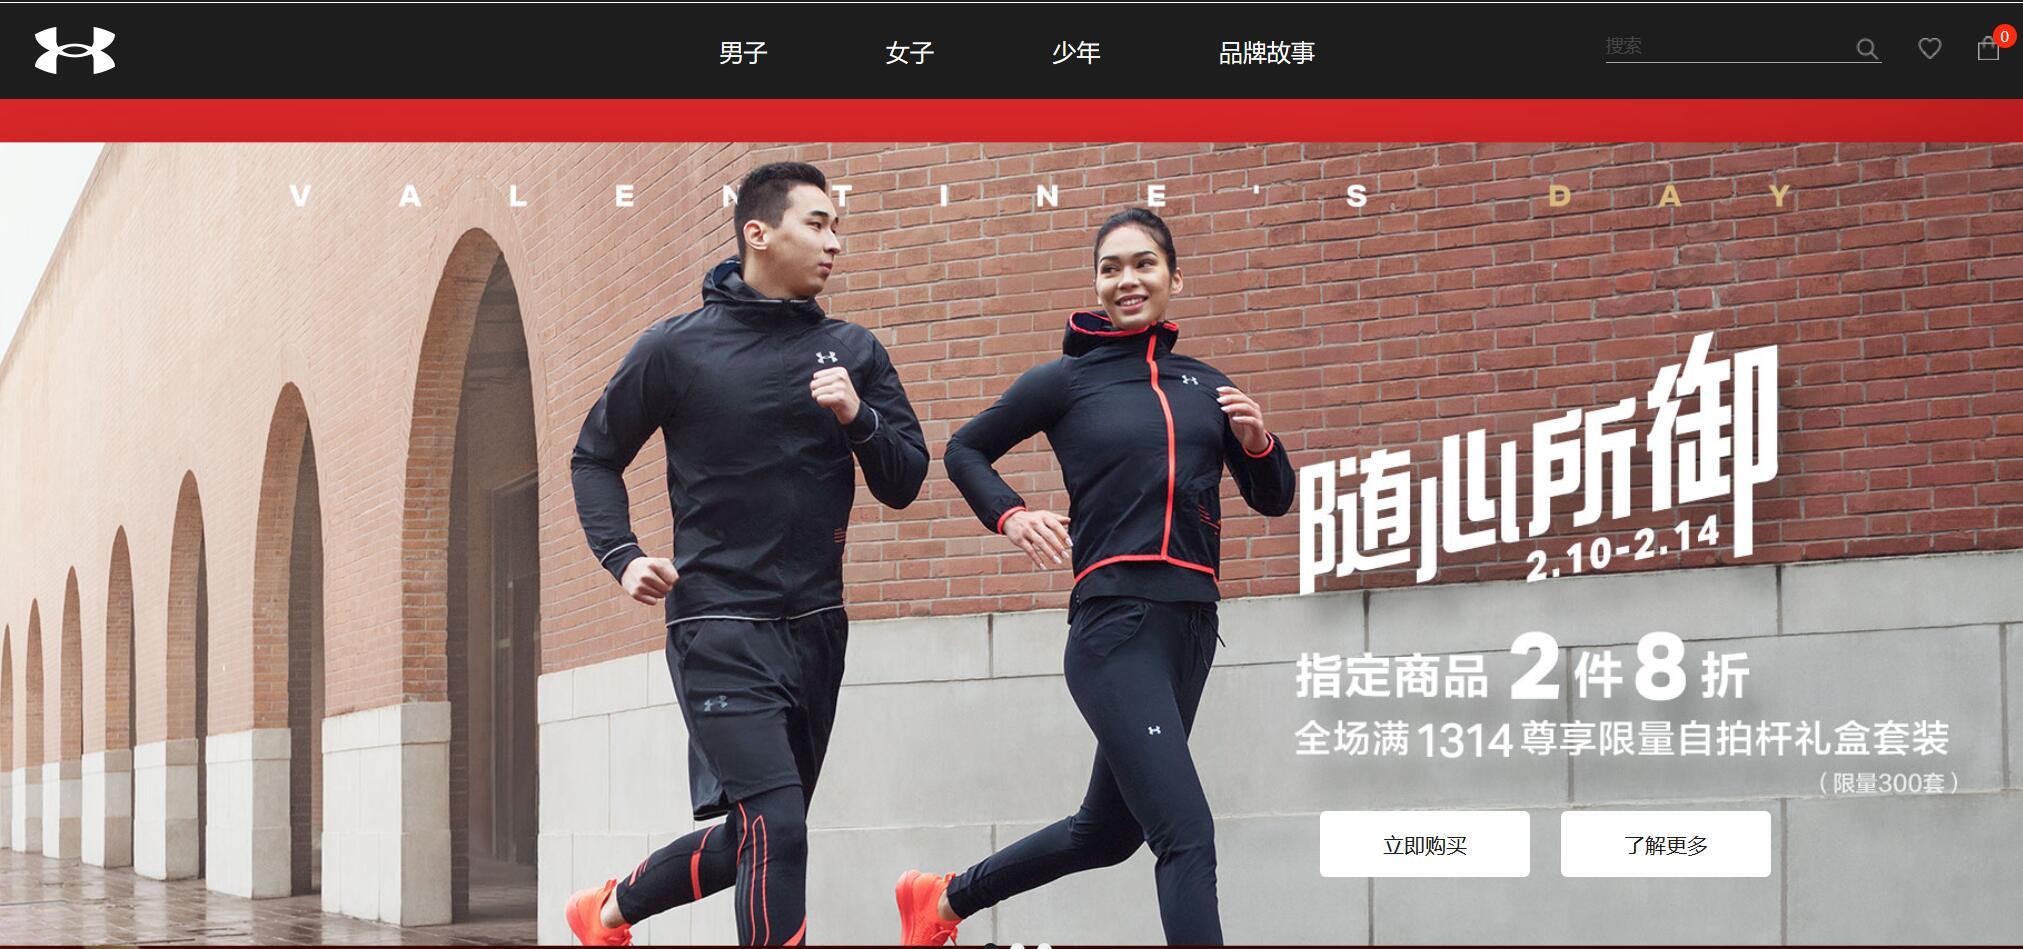 6家中国品牌退出本届巴黎时装周,将通过线上发布新品